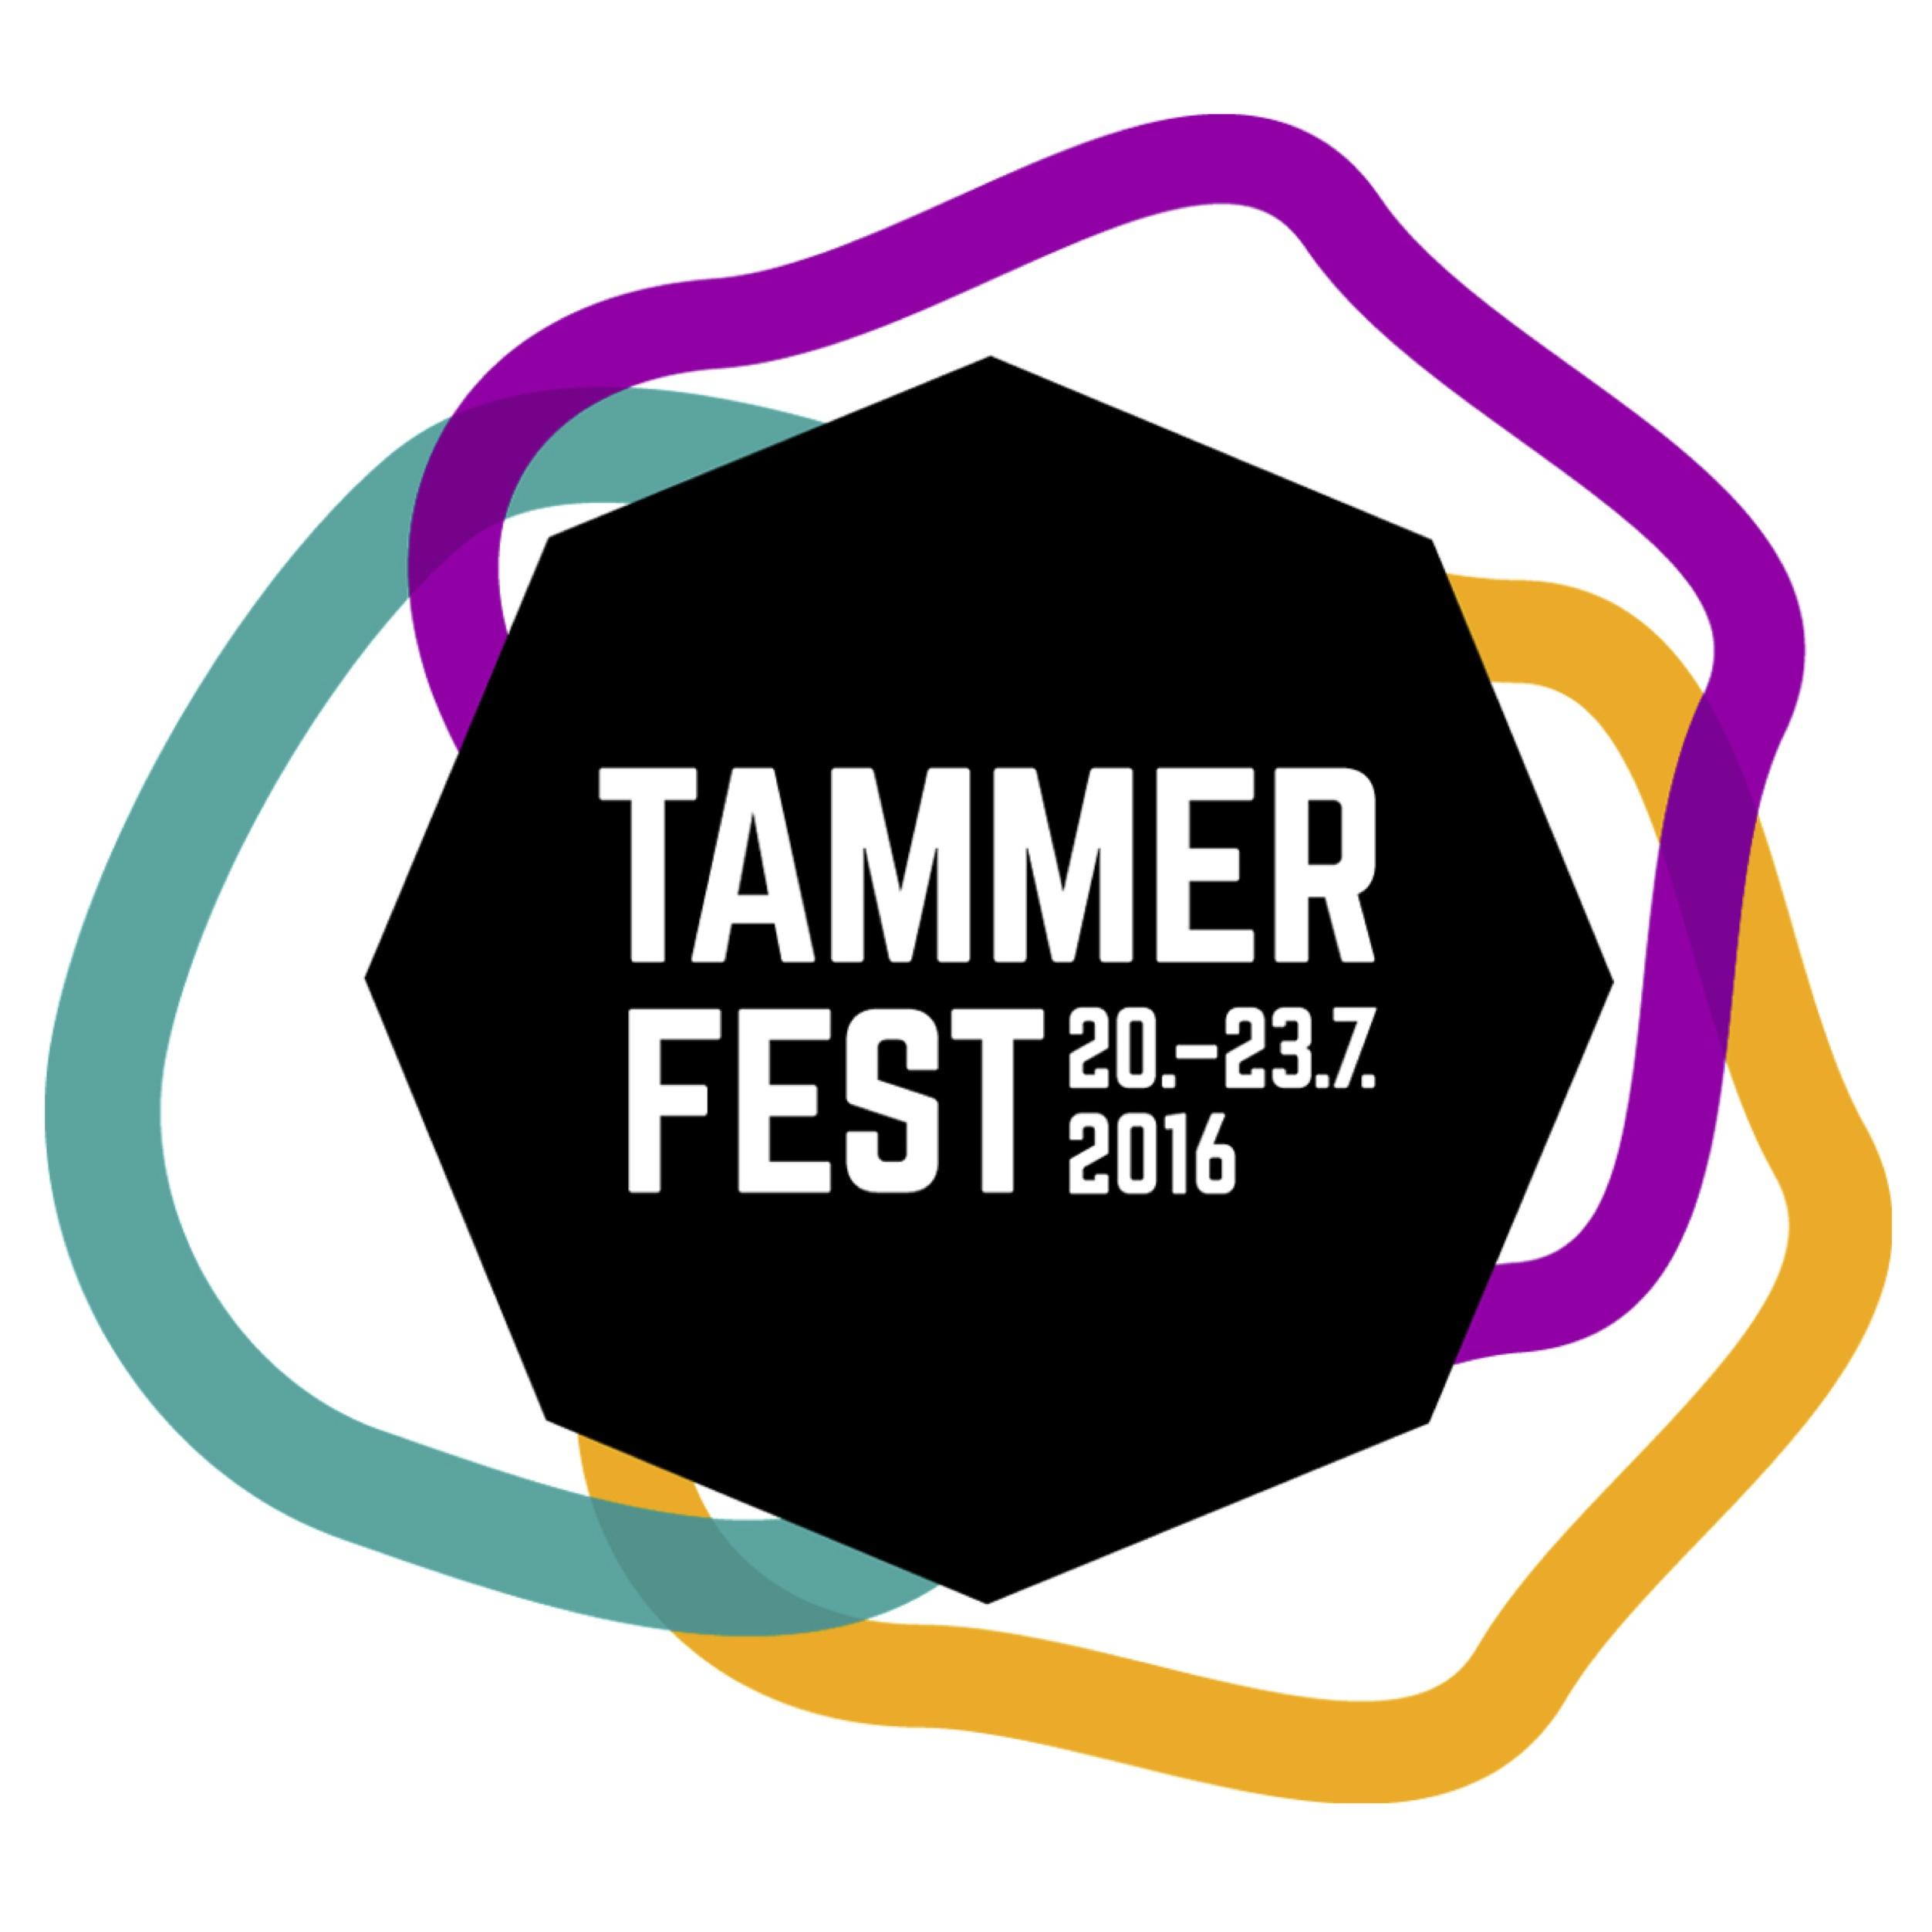 tammerfest2016logojpeg.jpg